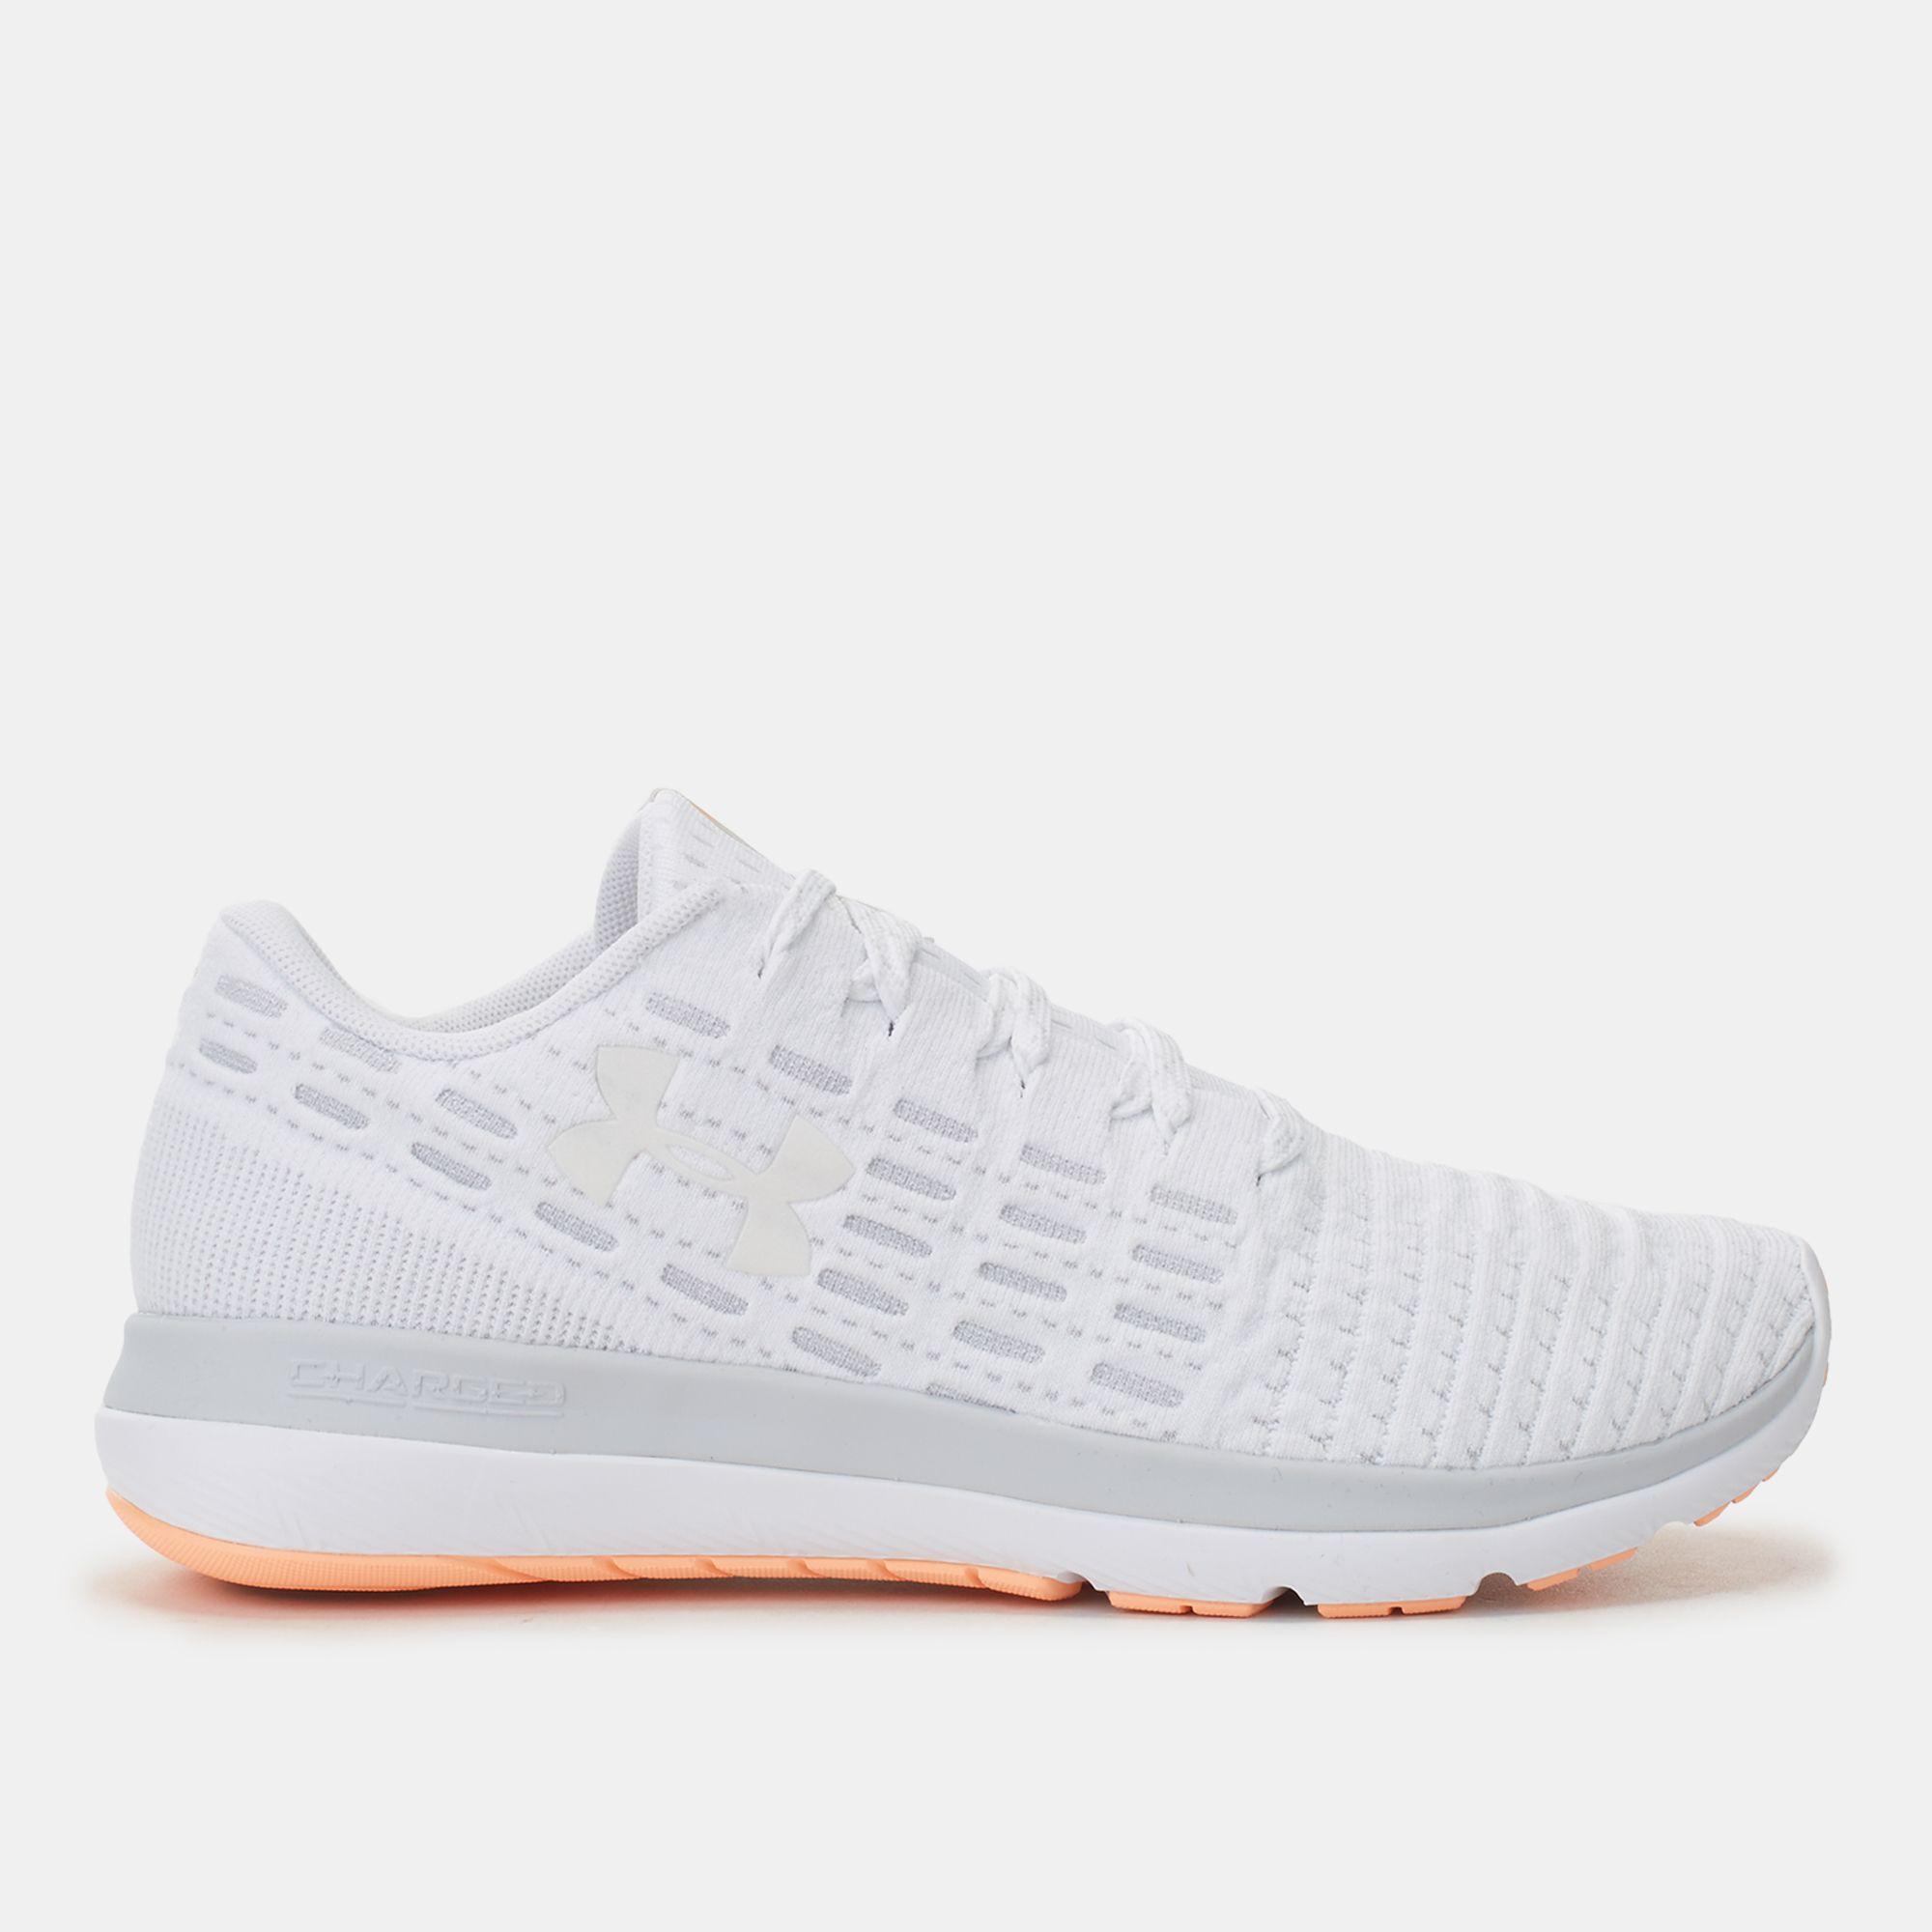 700ed639e Shop White Under Armour Threadborne Slingflex Shoe for Womens by ...